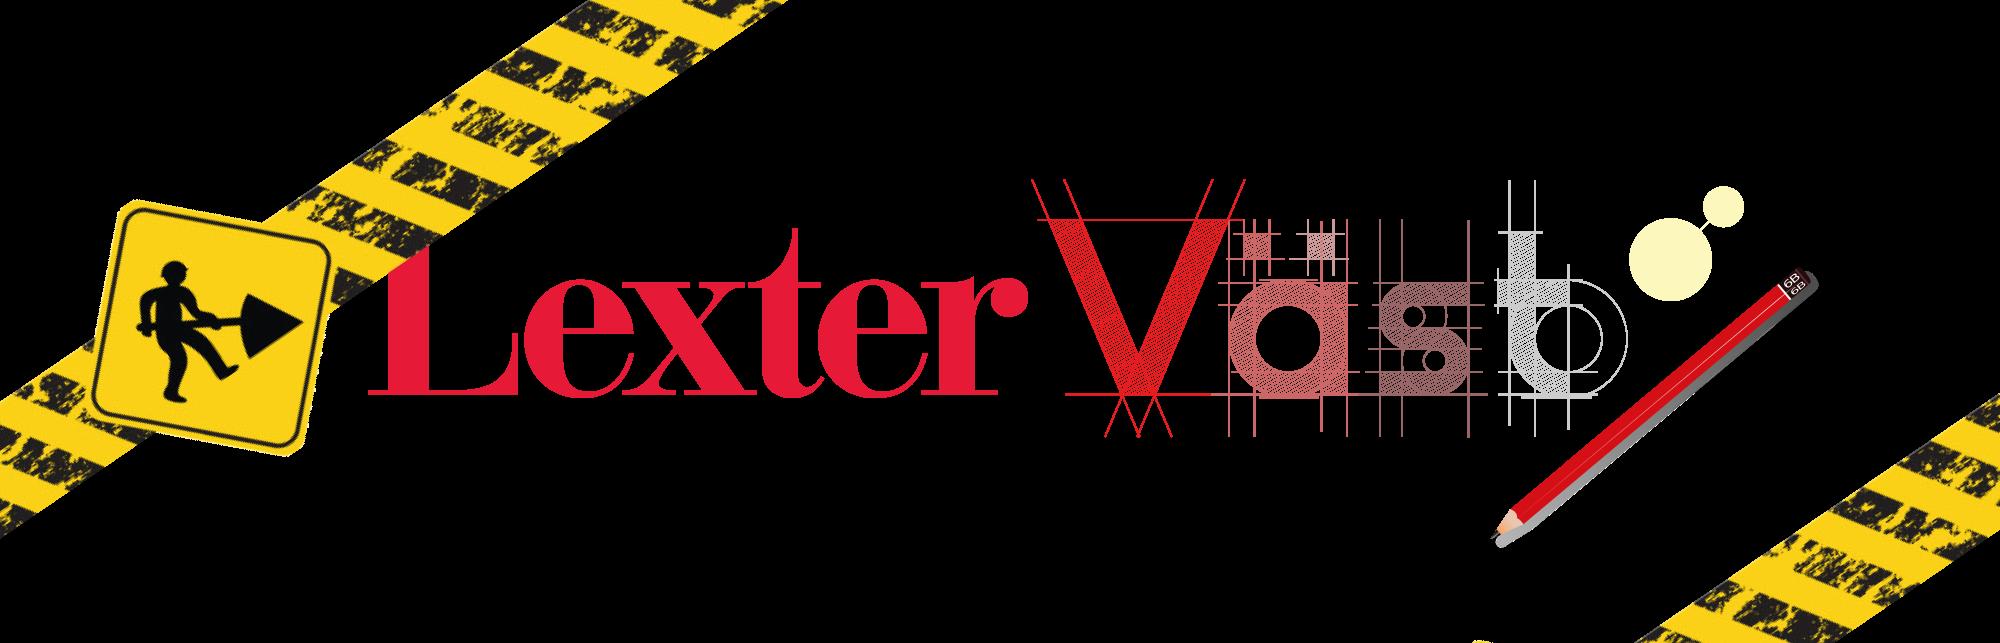 Lexter Väst öppnar 15e september.